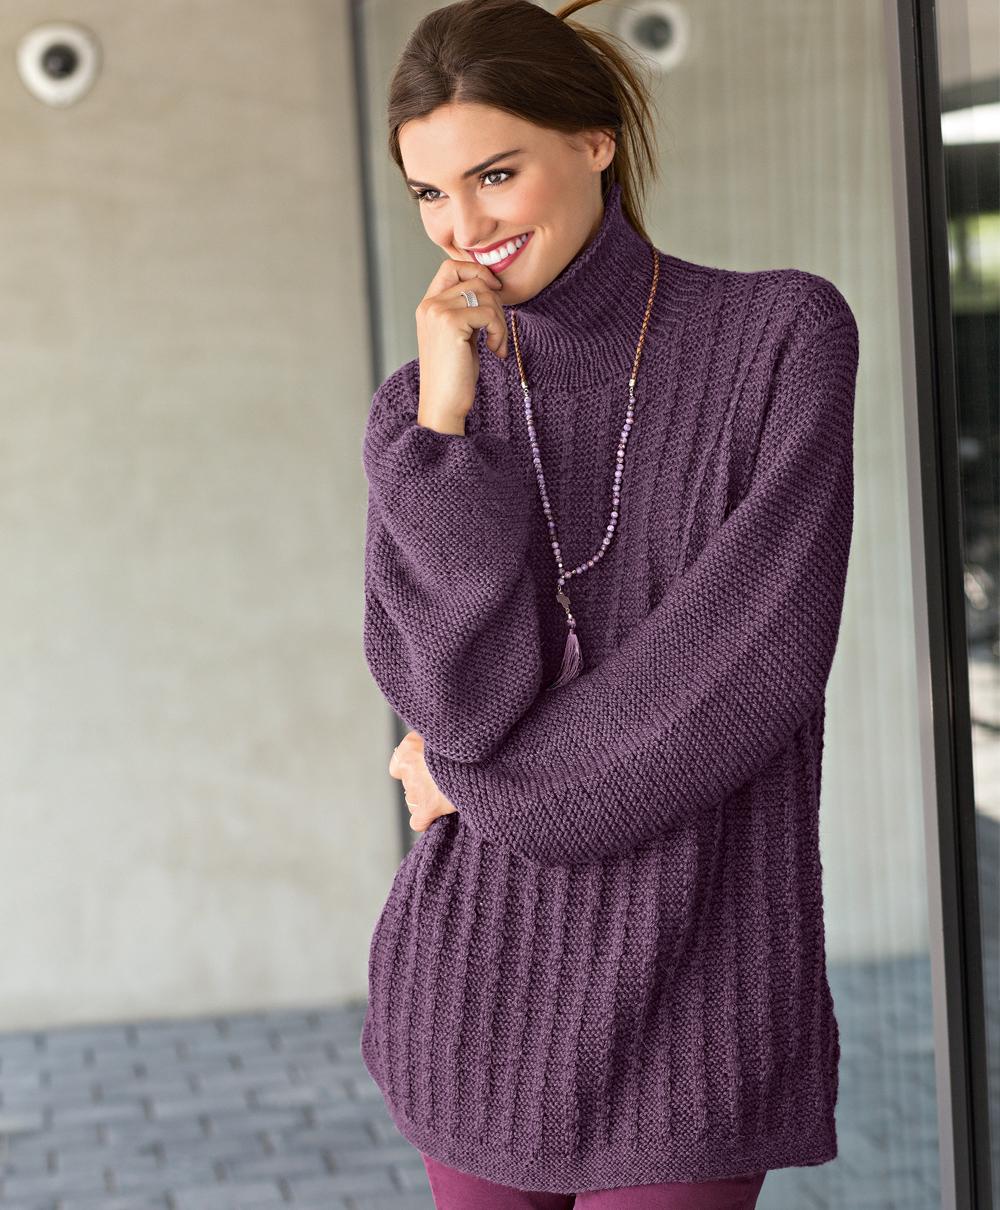 Вязание свитера спицами с описанием и схемой. Модель 2018-2019 года